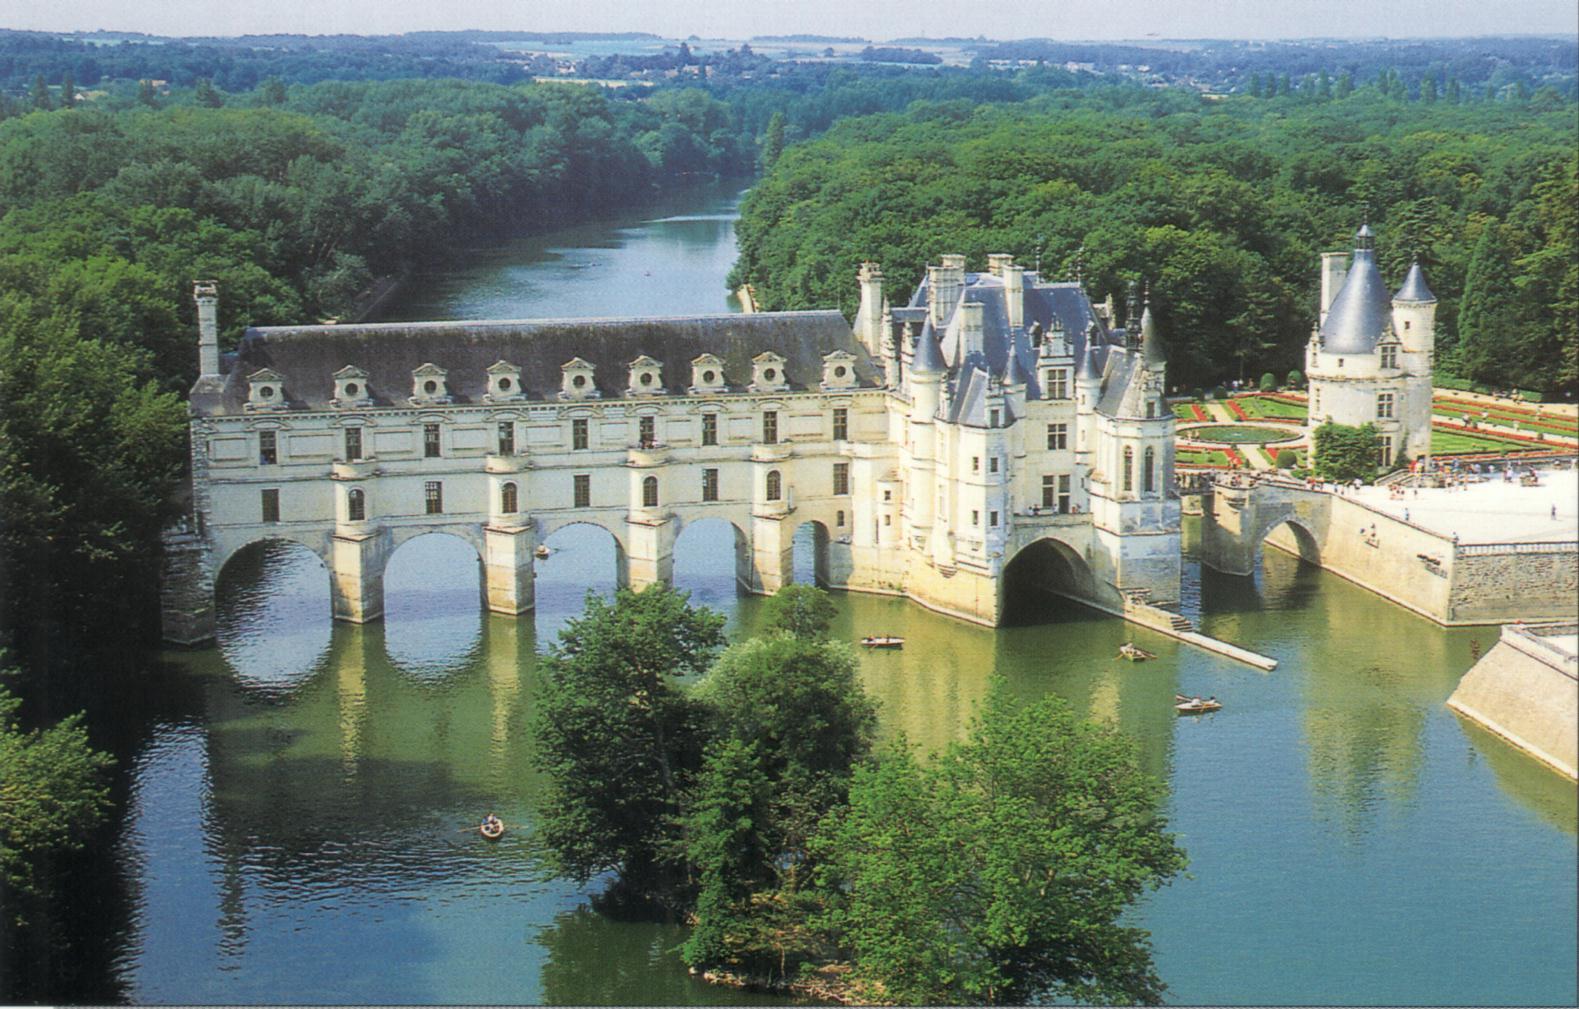 フランス周遊の旅 19 シュノンソー城_a0092659_0195157.jpg